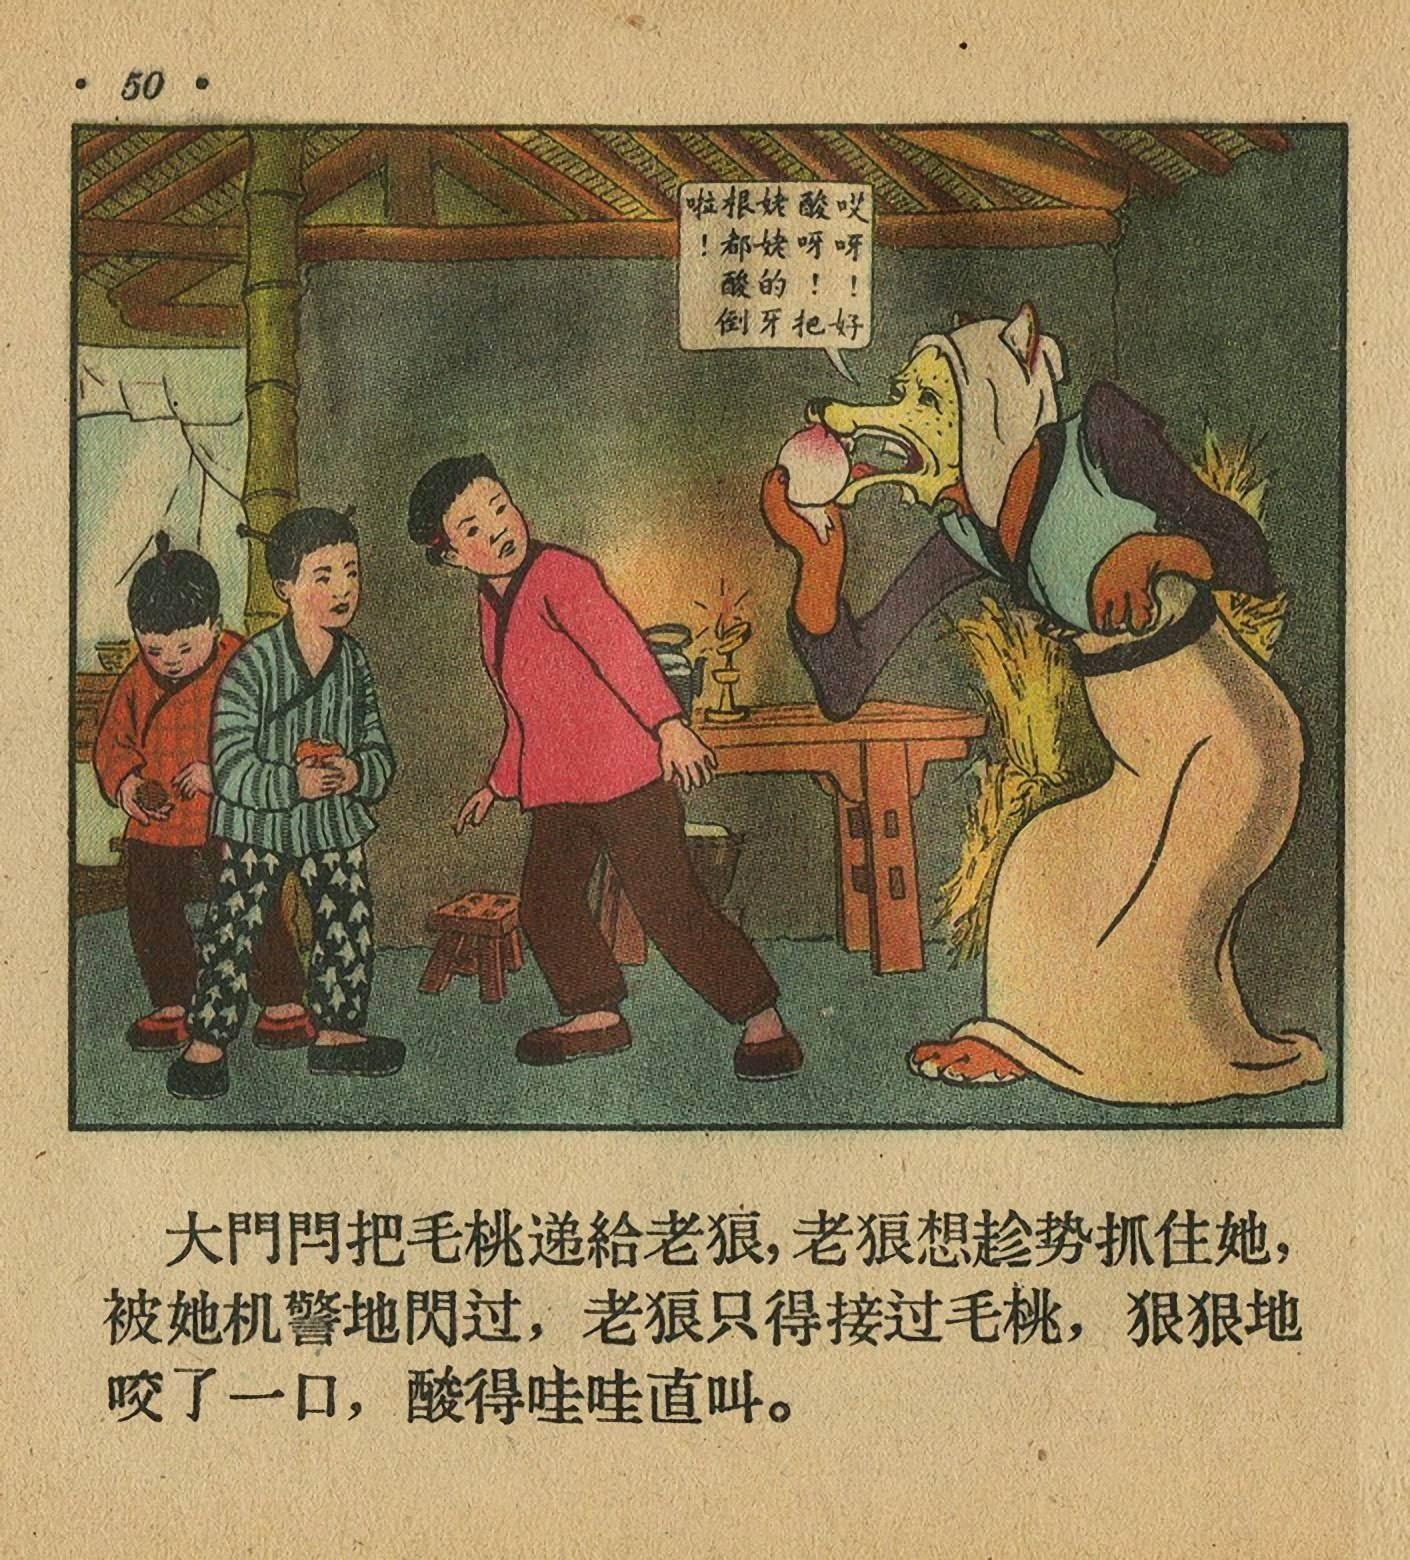 1954年老版彩色童话故事-姐妹果园